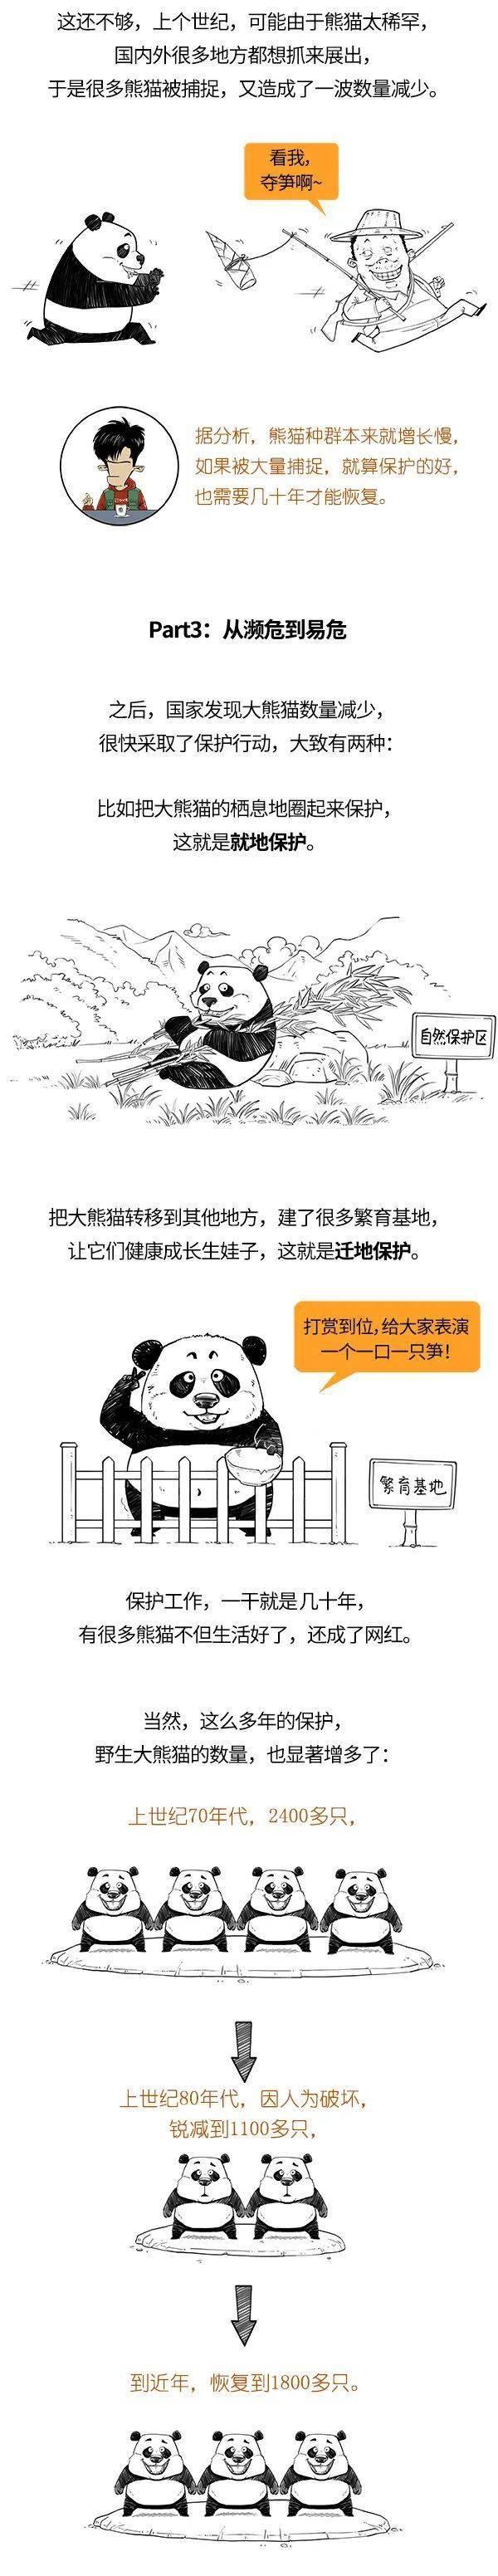 大熊猫被降级了,我可以领养了吗?